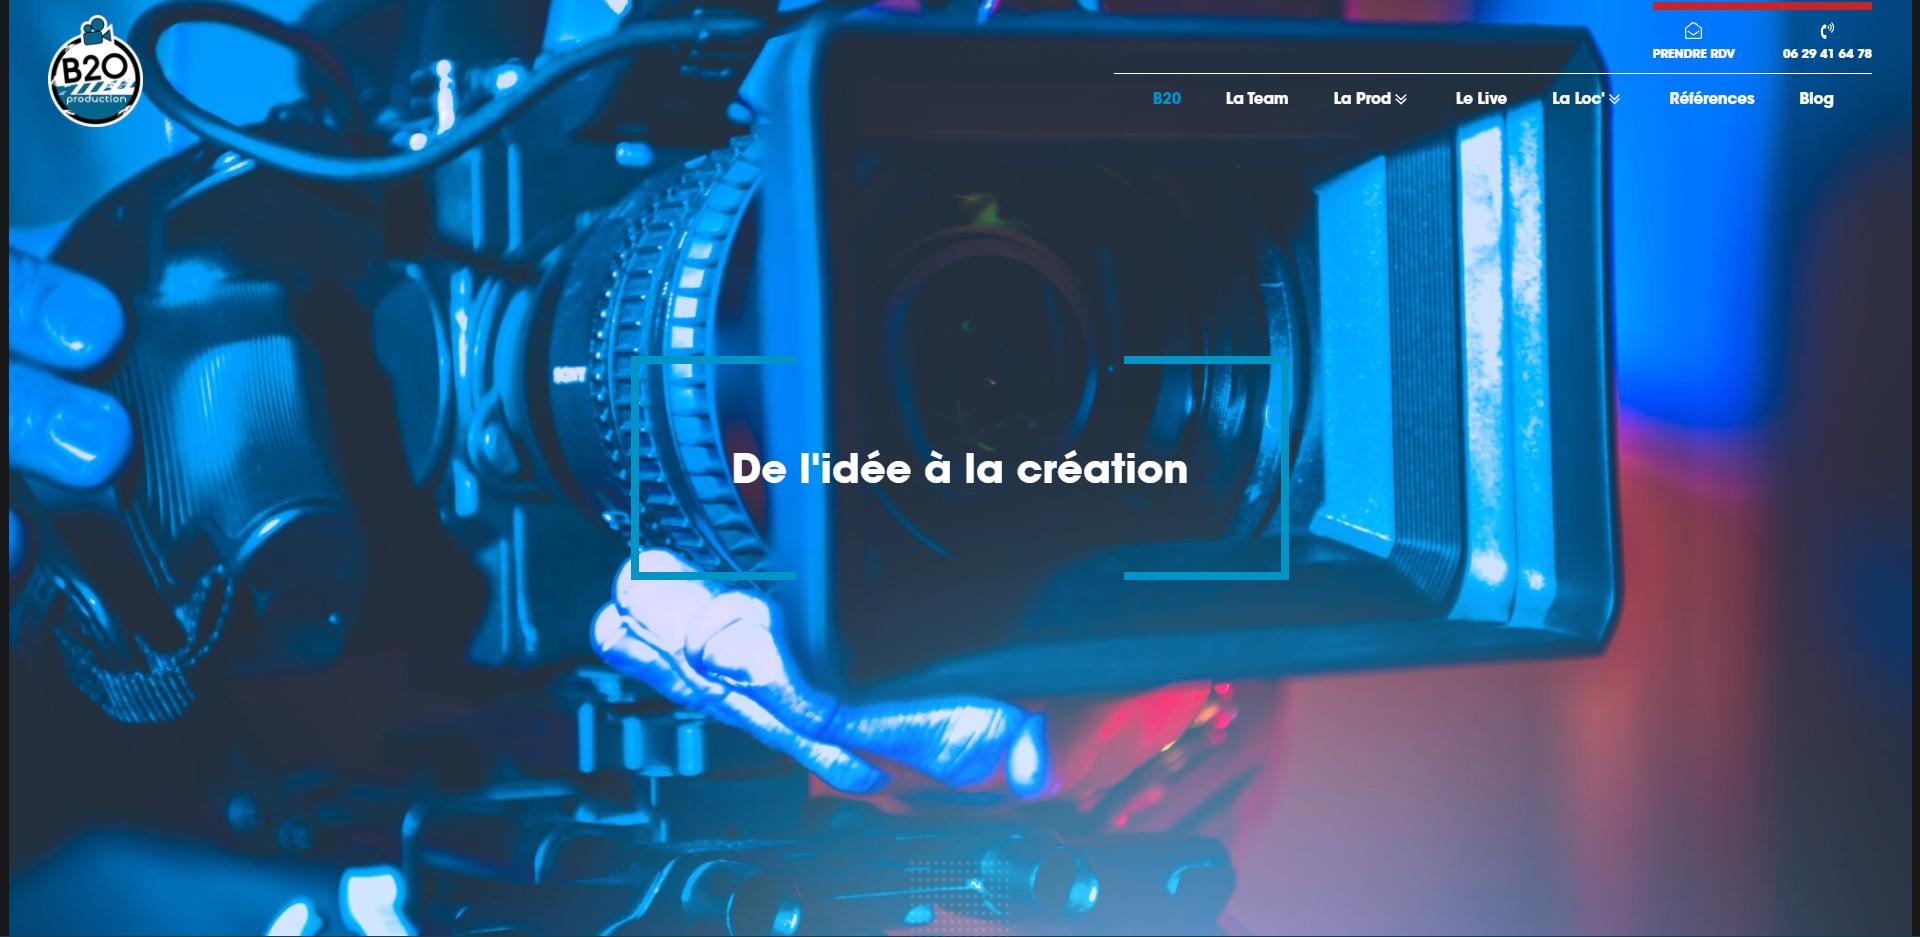 site internet pour Société De Production Audiovisuelle à Quimper B20 Production